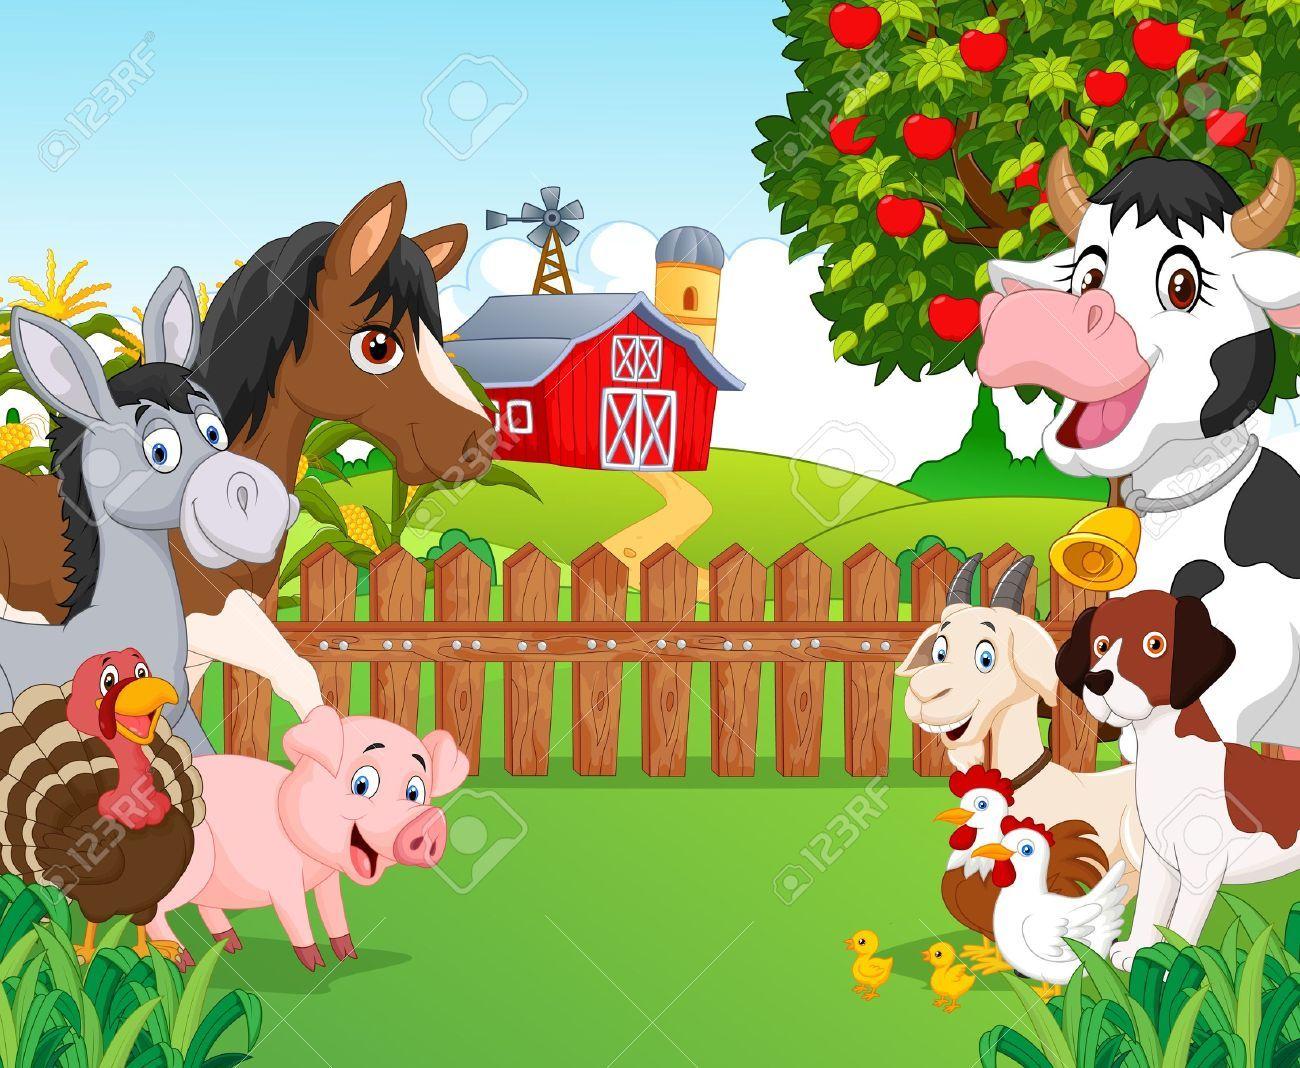 Cartoon Happy Animal Collection Animales Felices Animales De La Granja Animales